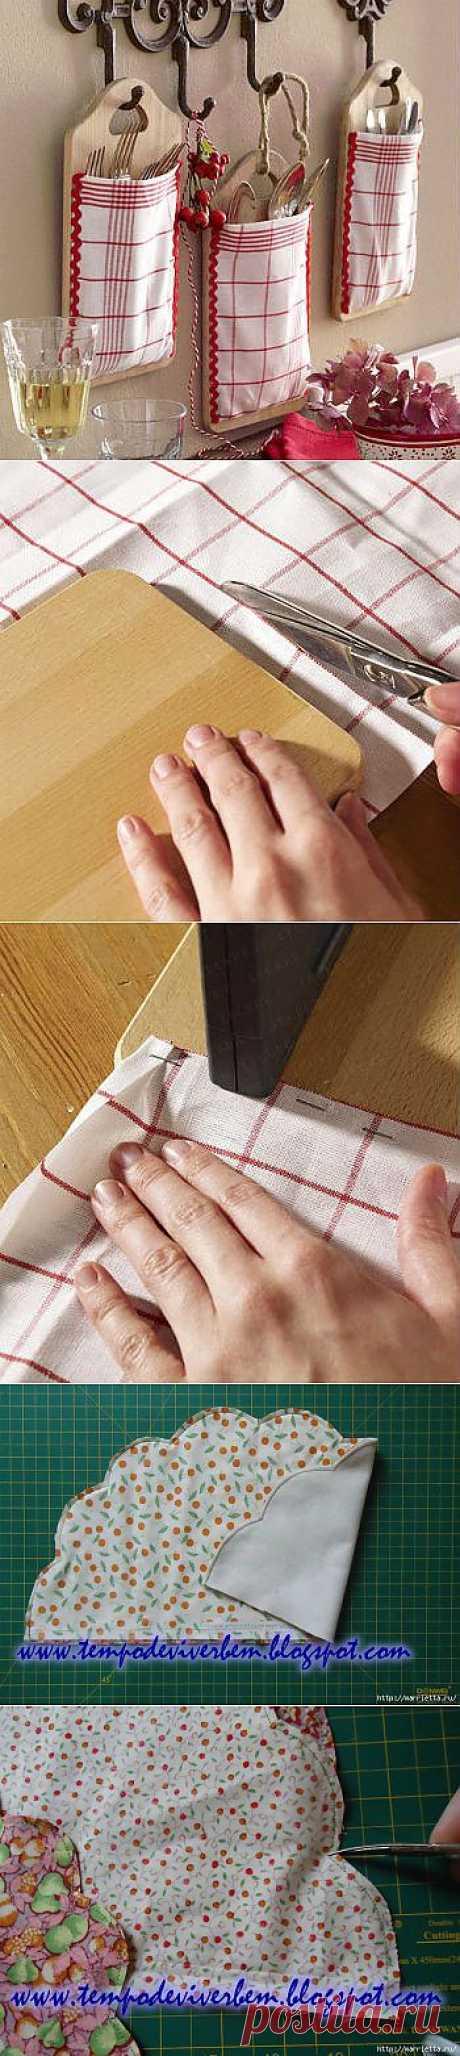 Кухонные идеи. Органайзеры для столовых приборов.